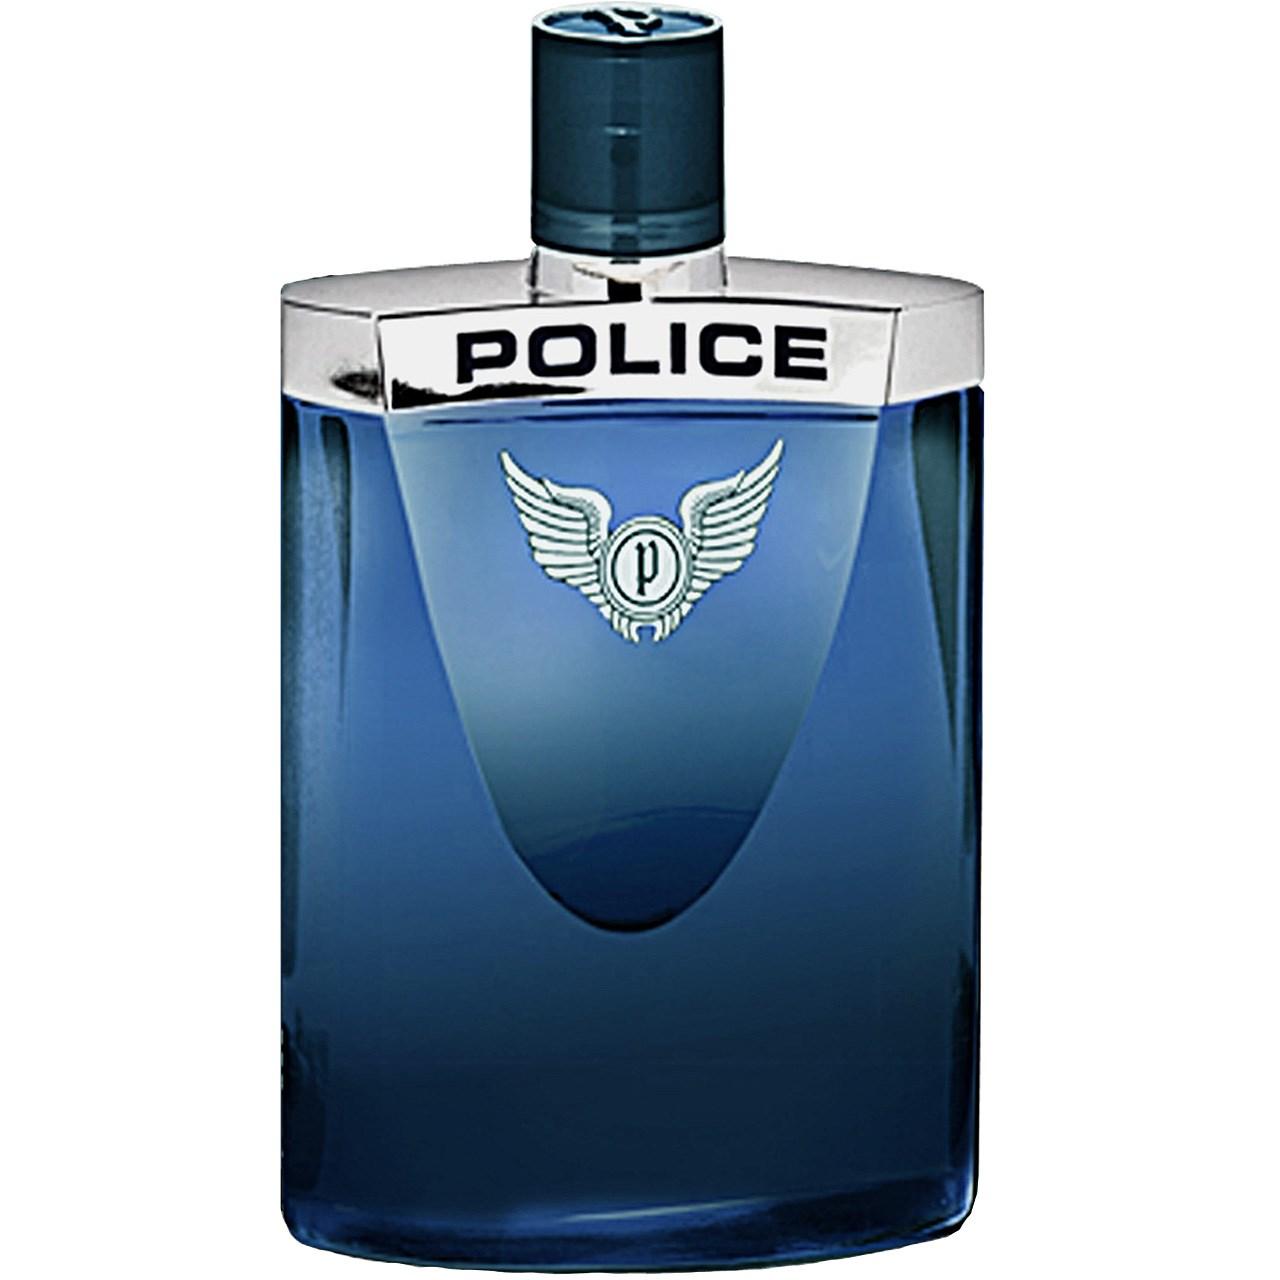 ادو تویلت مردانه پلیس مدل Wings Blue حجم 100 میلی لیتر